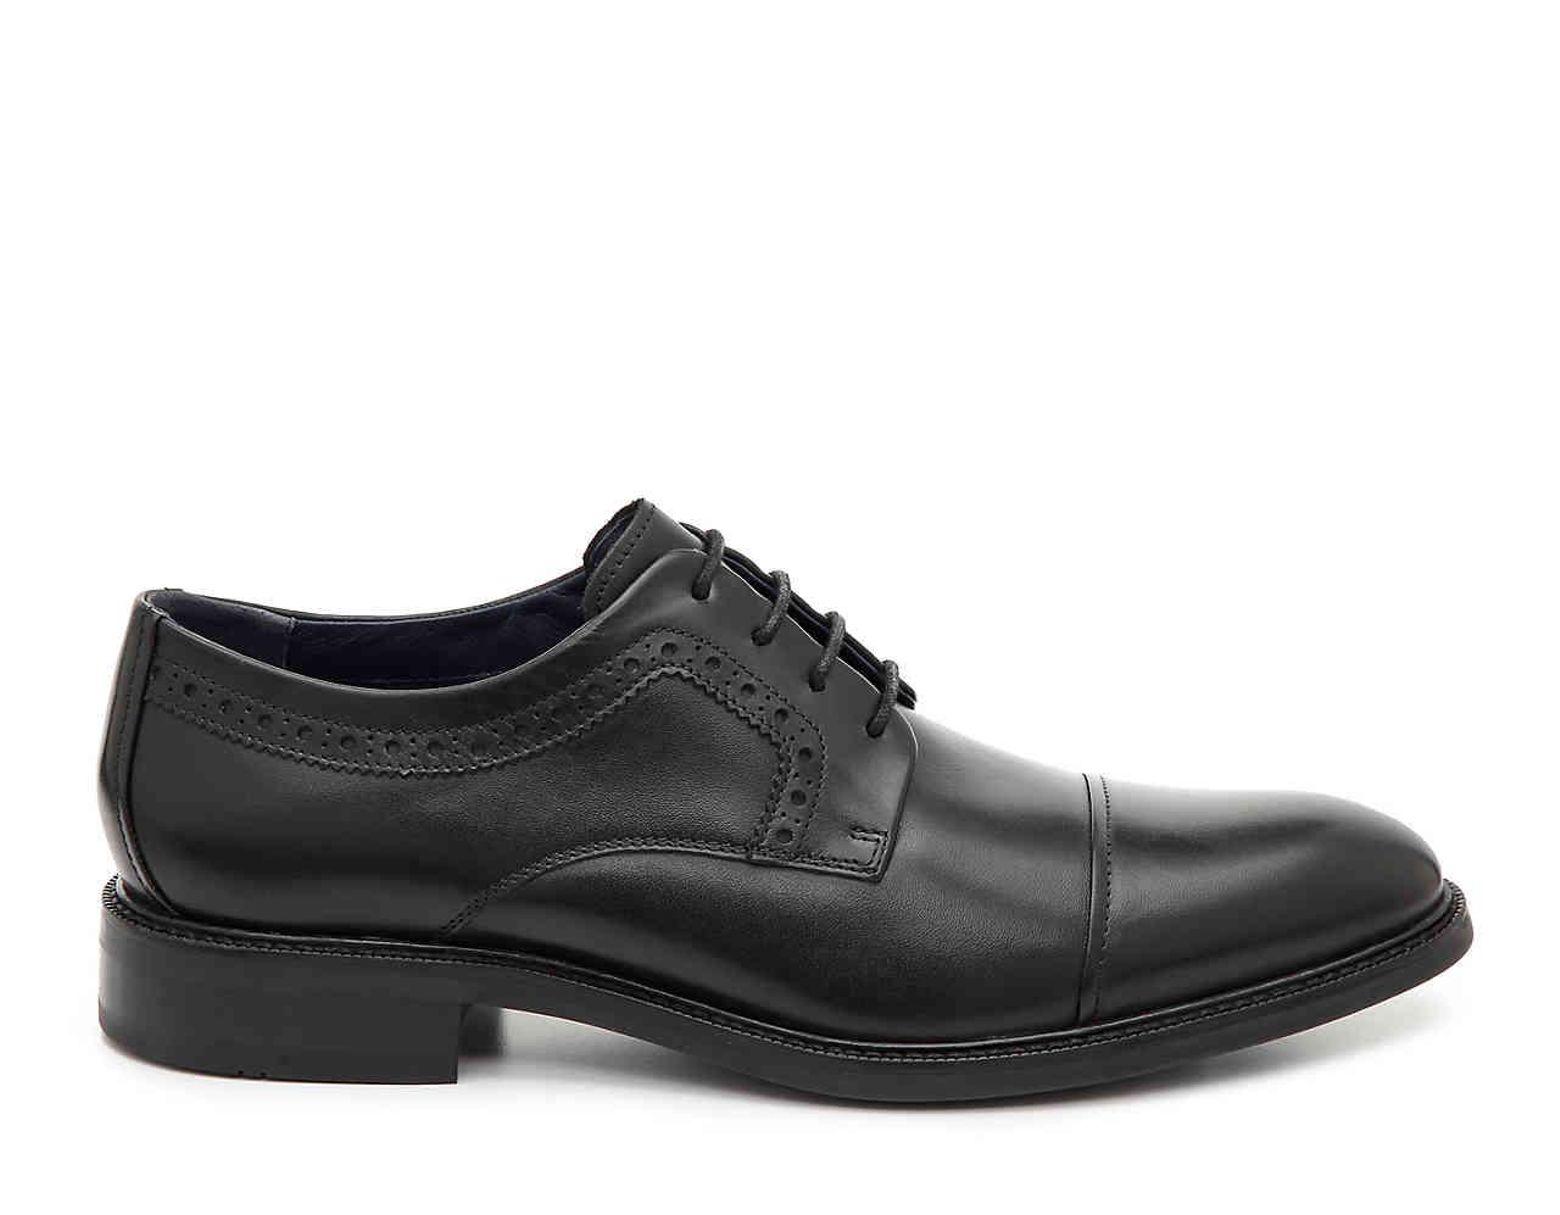 b2163de1117 Cole Haan Buckland Cap Toe Oxford in Black for Men - Lyst